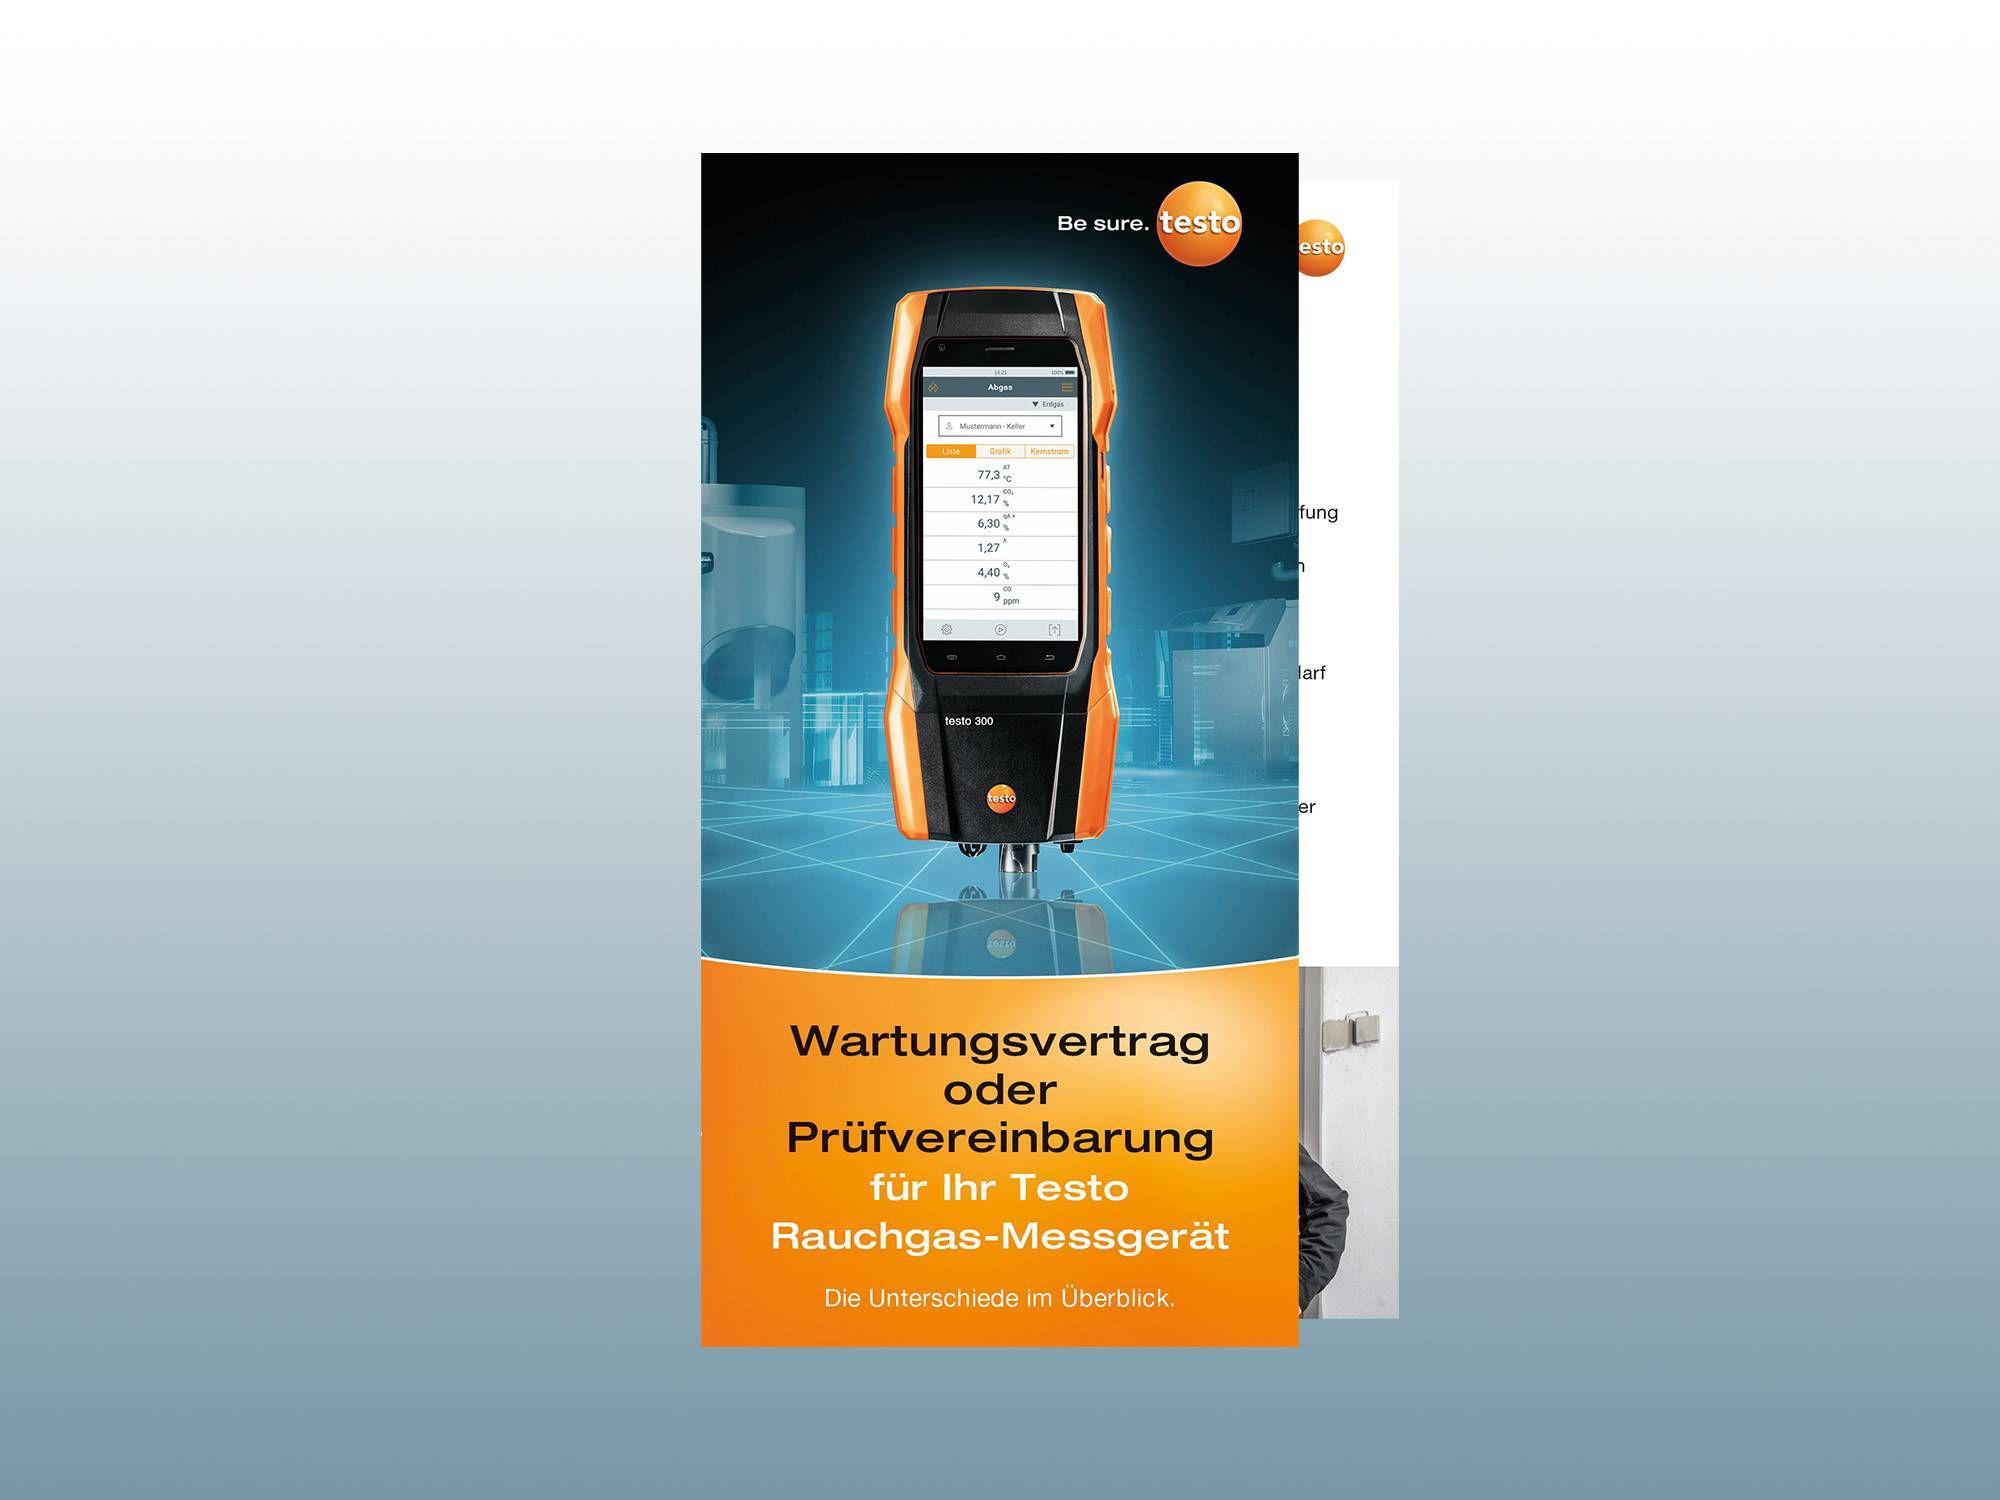 Teaser-Flyer_Wartungsvertrag_Prüfvereinbarung_testo Rauchgas-Messgerät.jpg